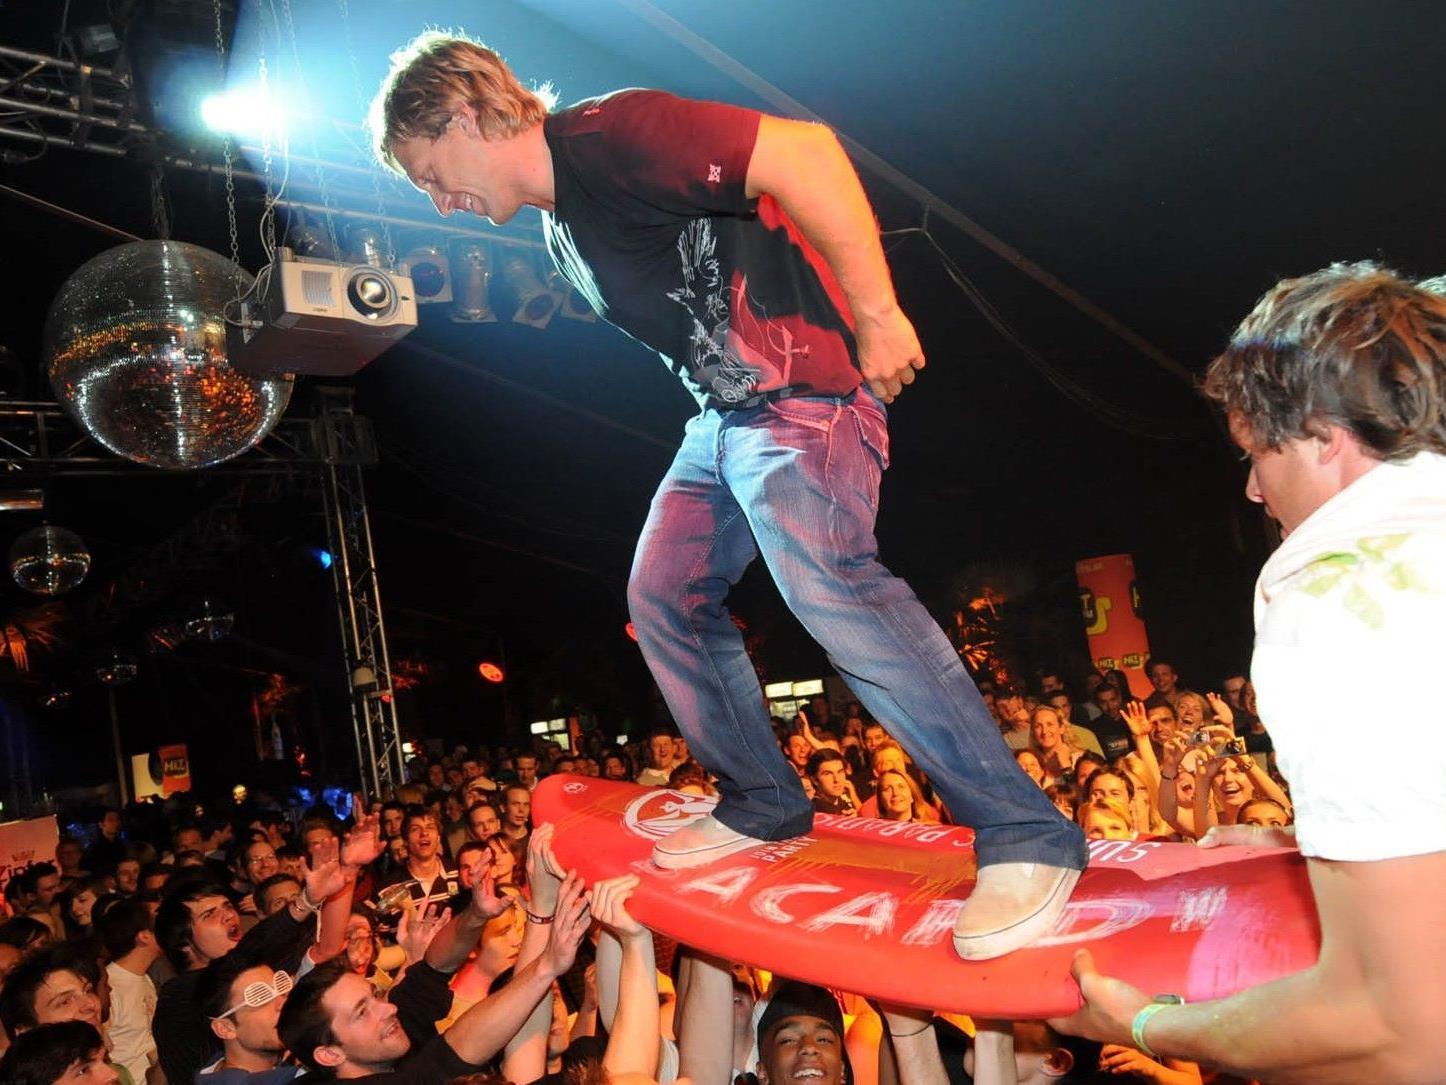 Am Tag gibt es Surfaction am Wasser, abends dann bei der Party in der Menge.